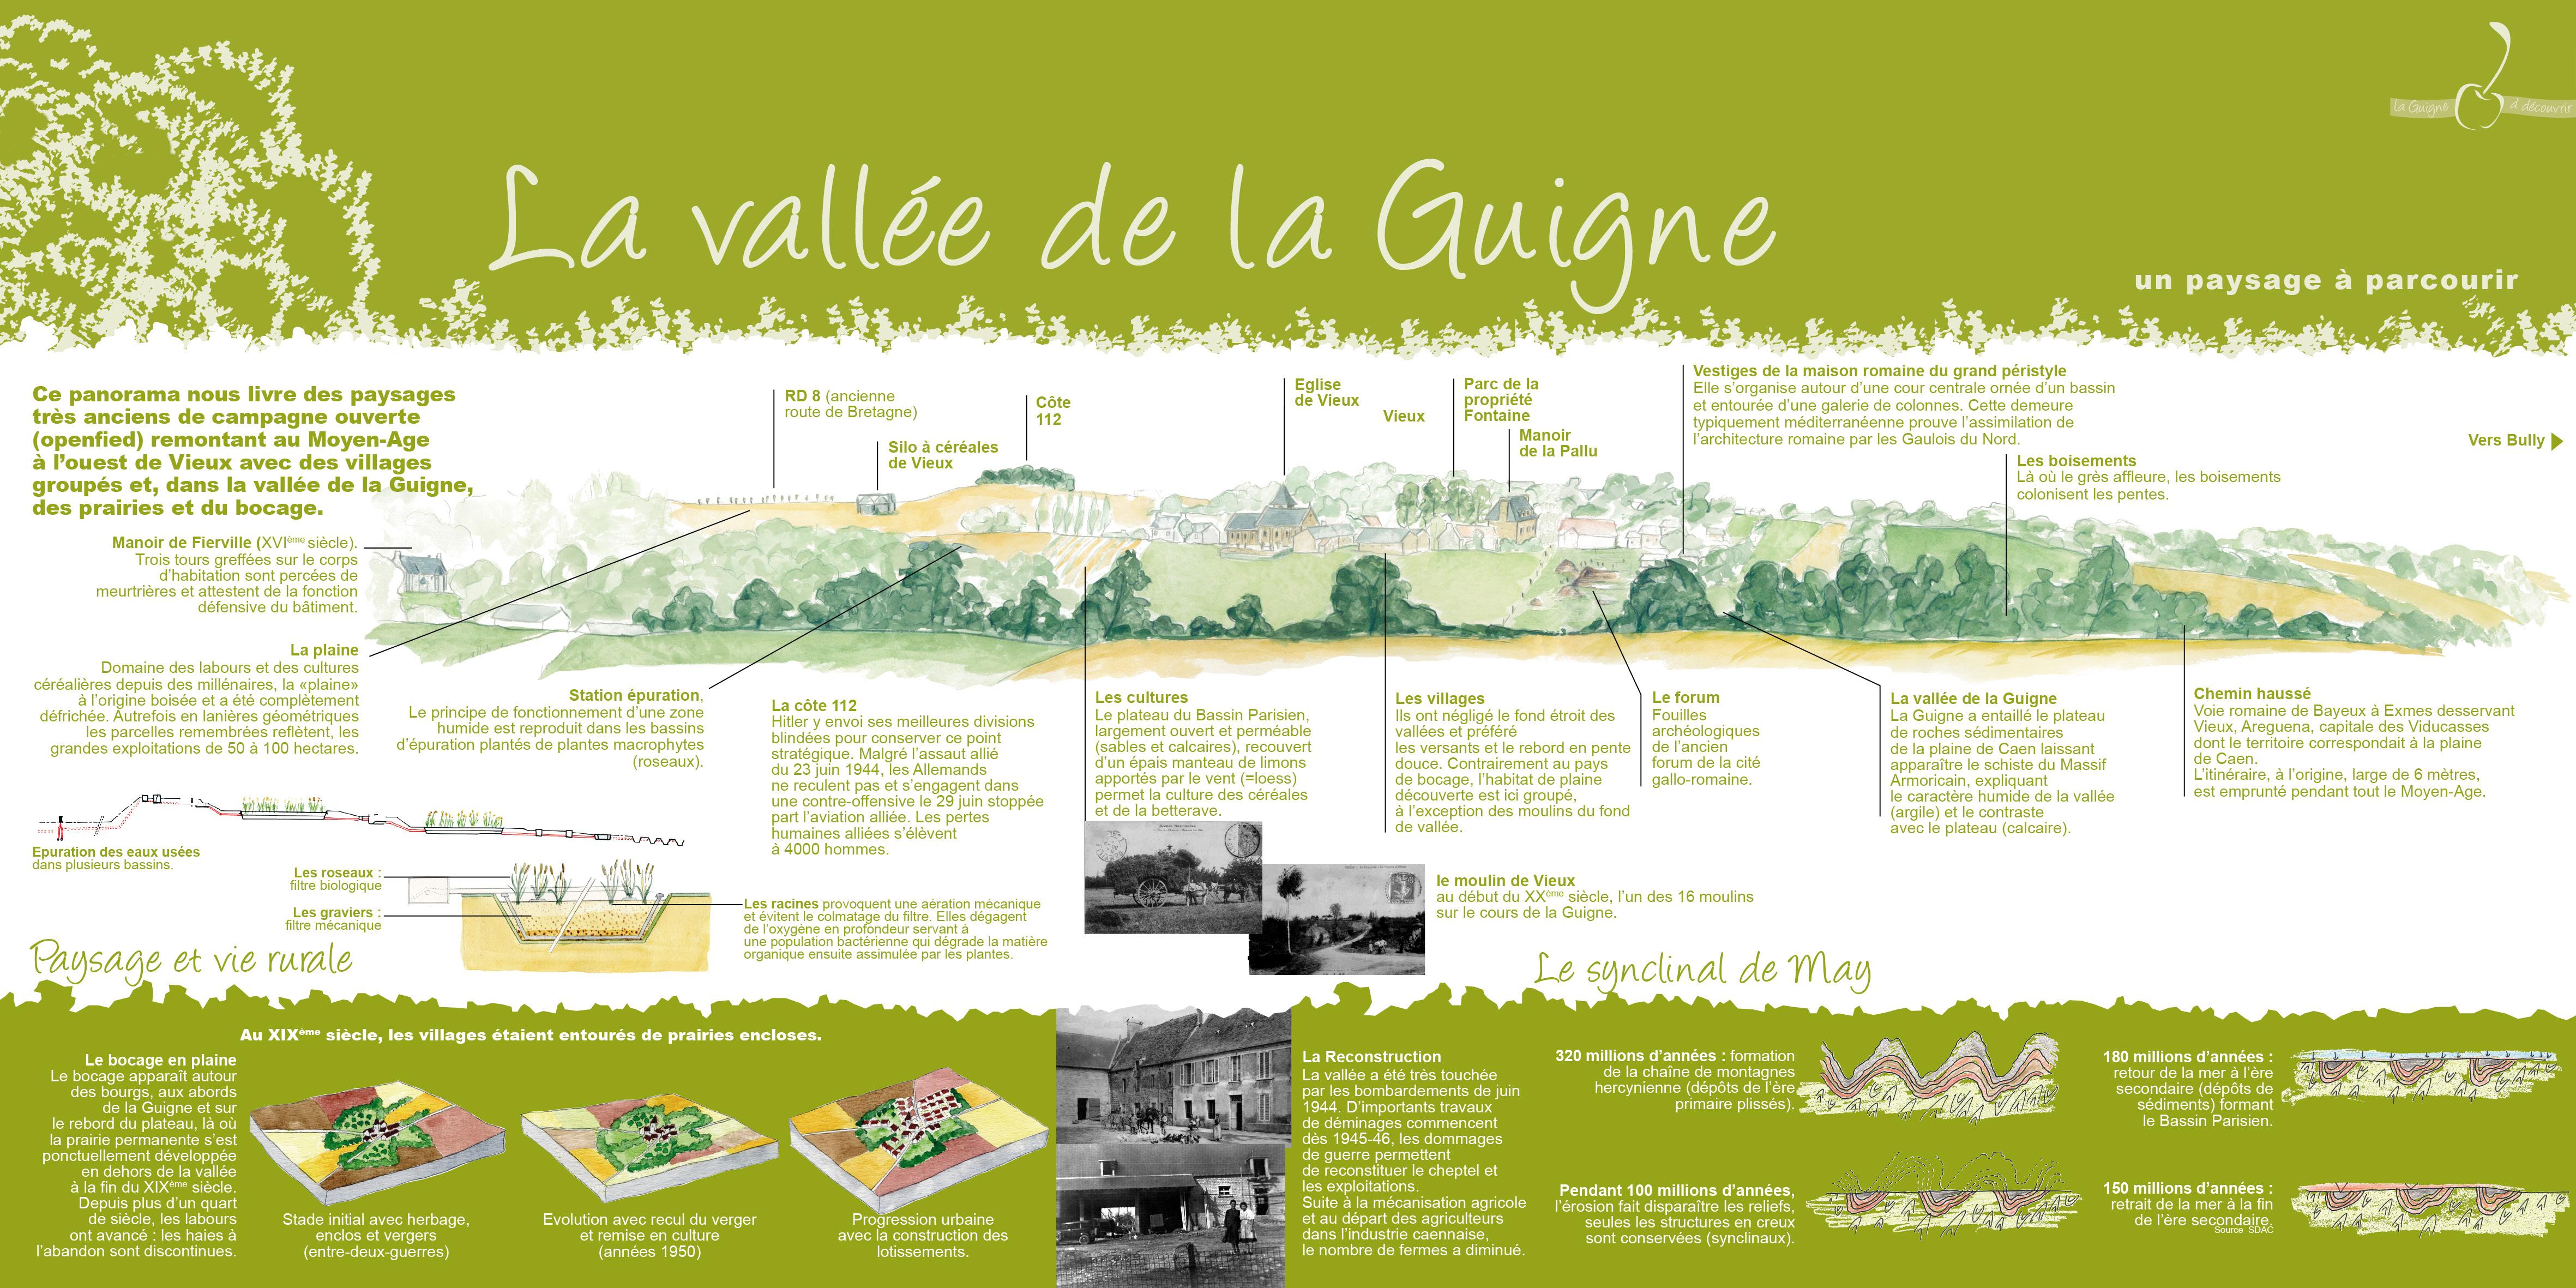 Vallée de la Guigne